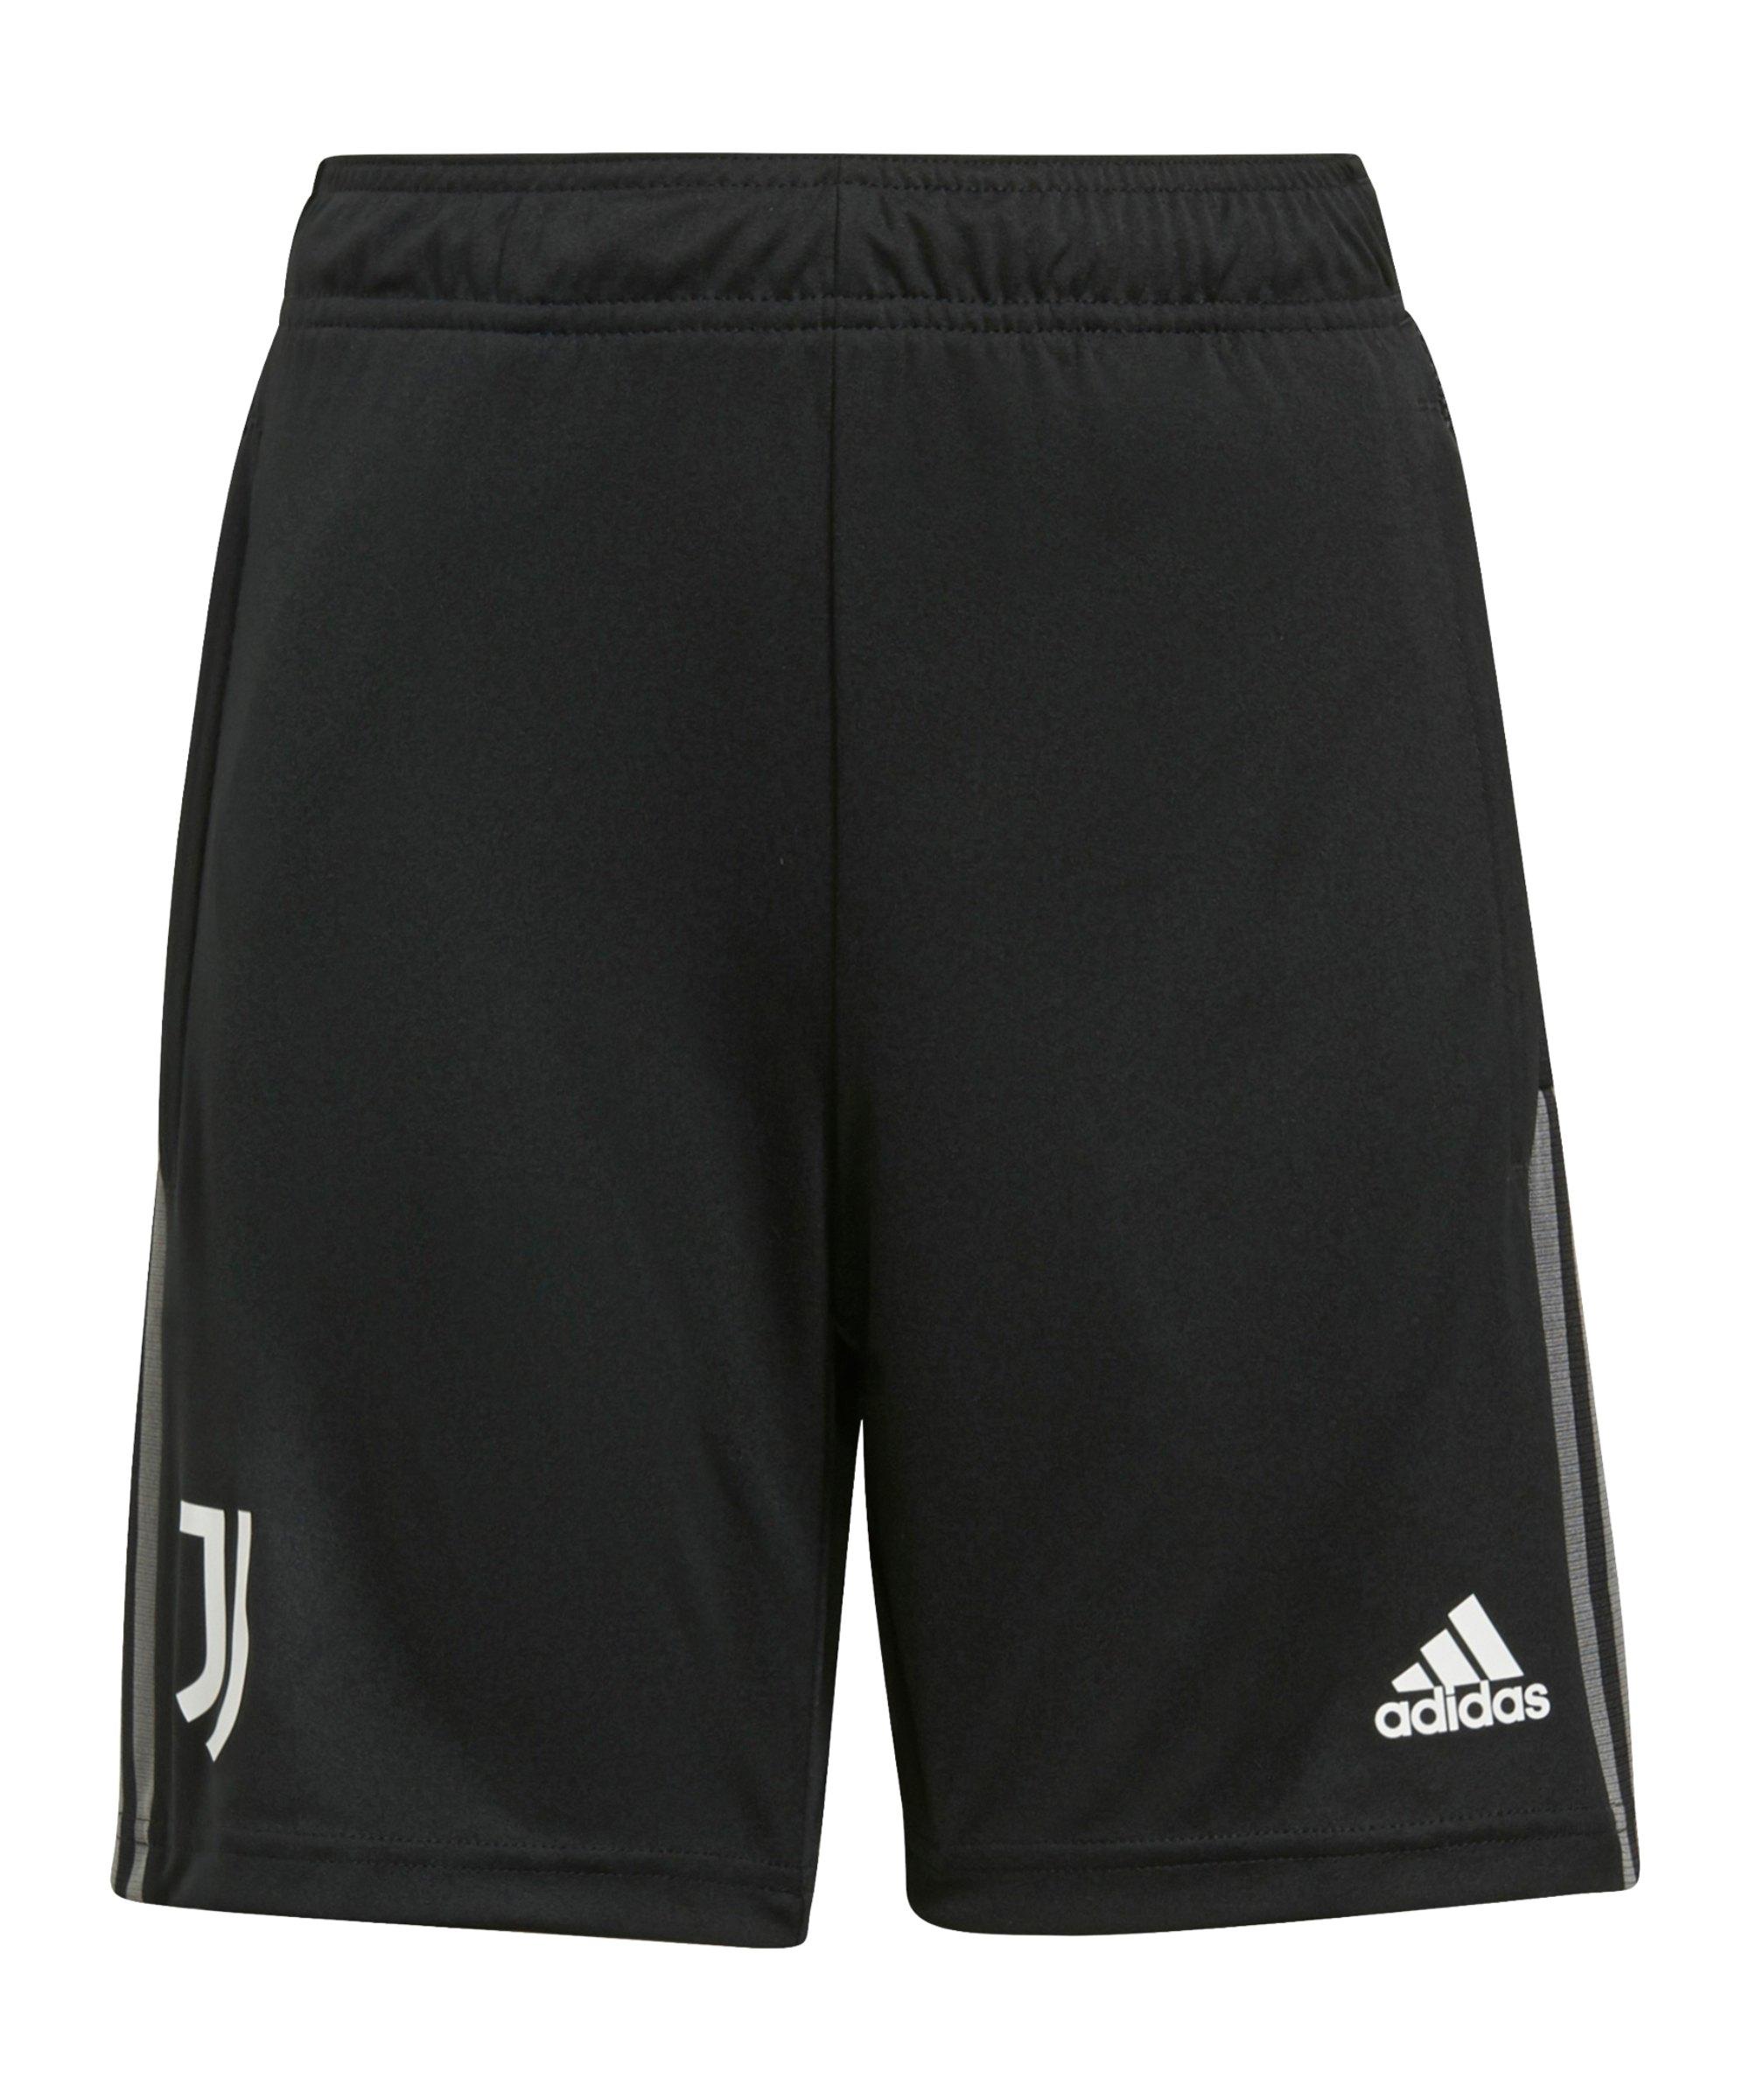 adidas Juventus Turin Trainingsshort Kids Schwarz - schwarz